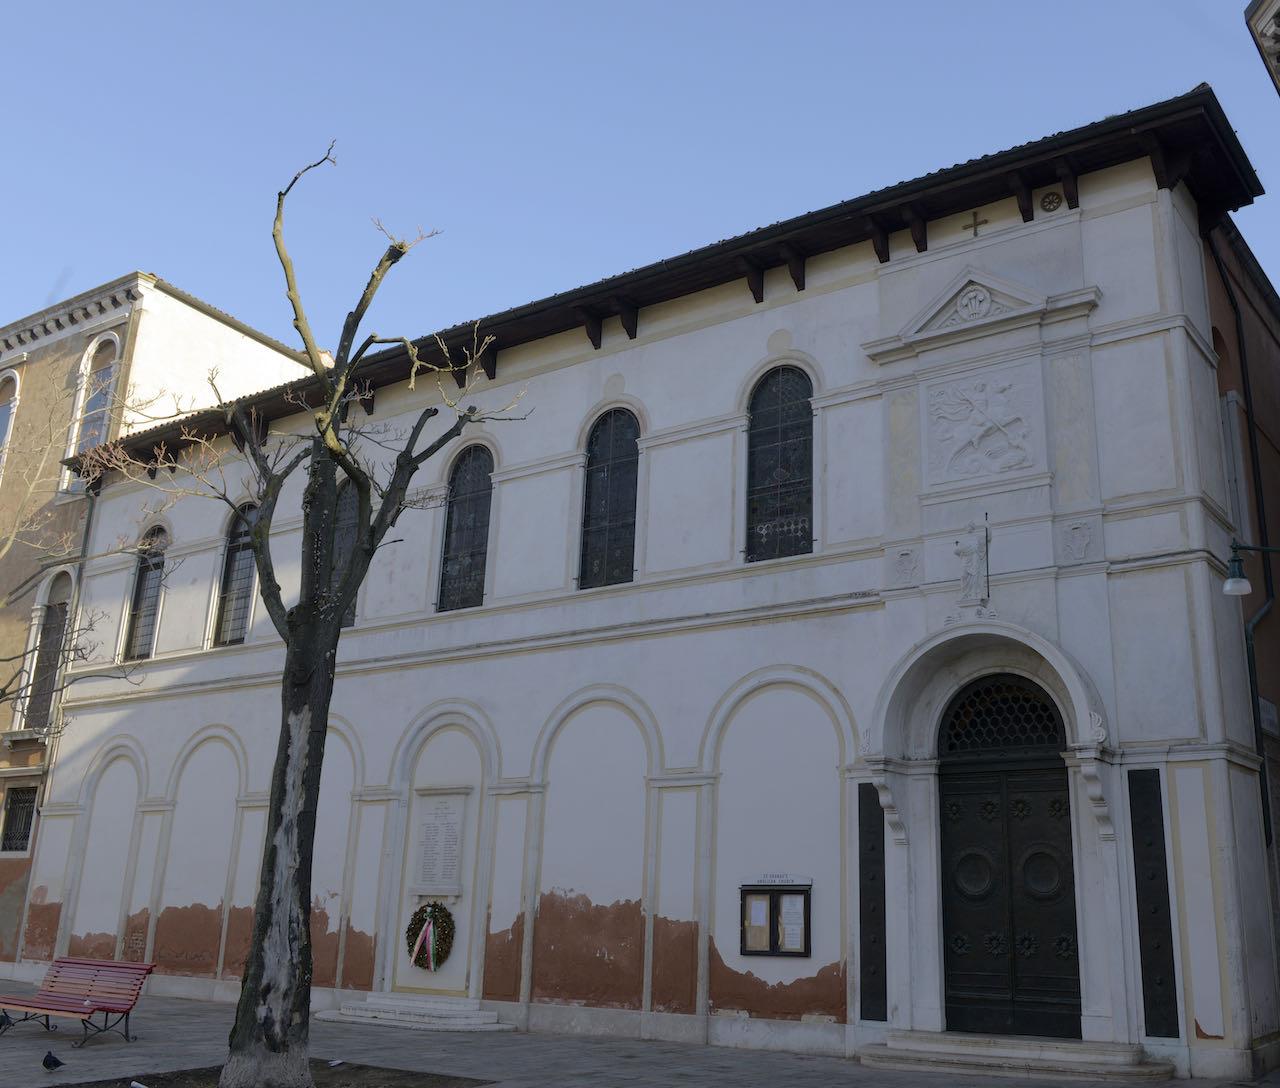 CONEXIÓN La Biennale Giorgio Bertozzi neoartgallery 00007